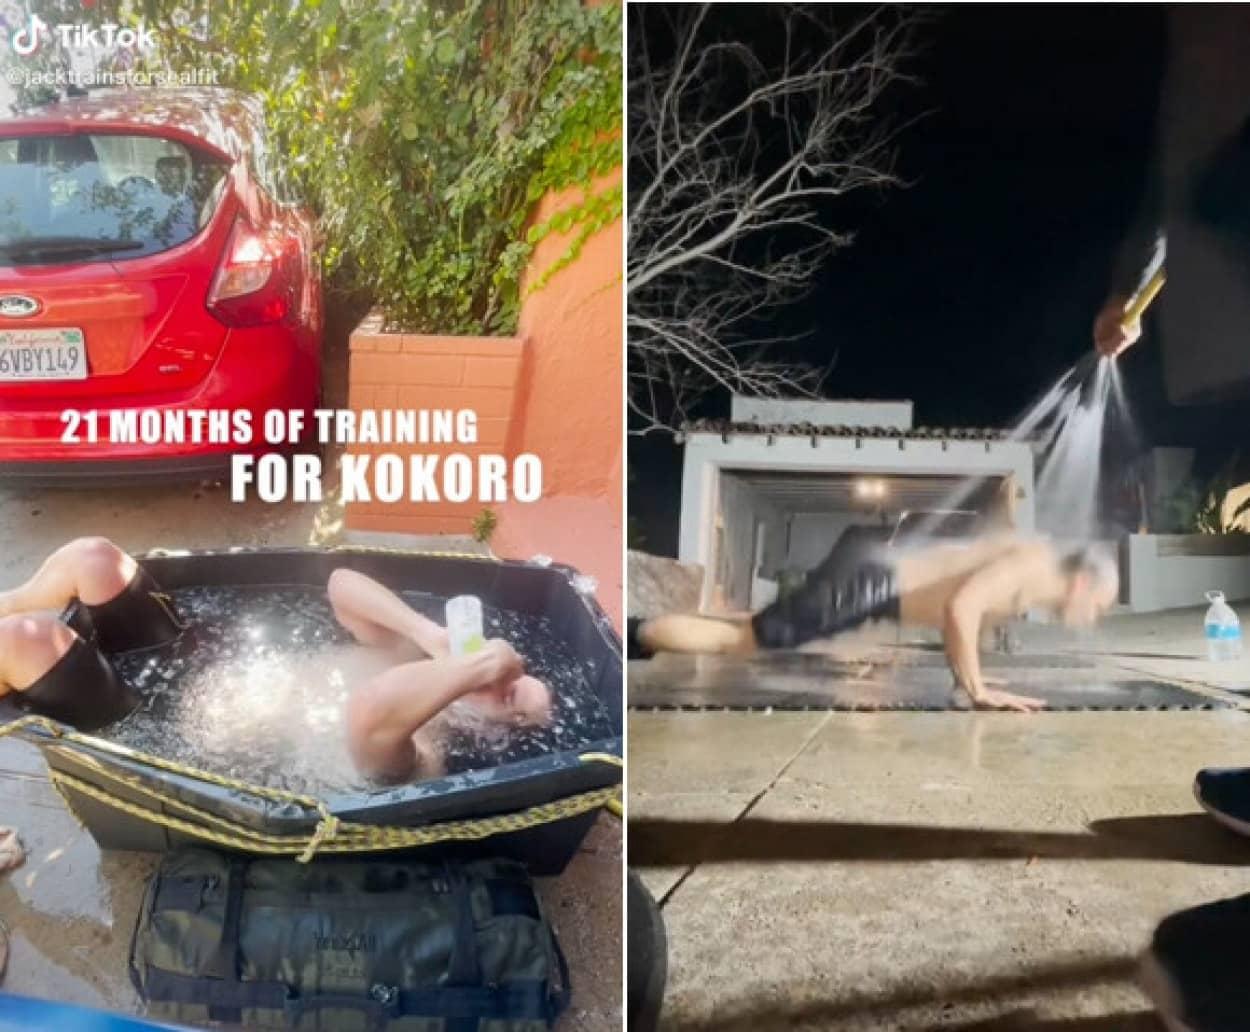 ネイビーシールズの拷問レベルの特殊訓練の様子を公開